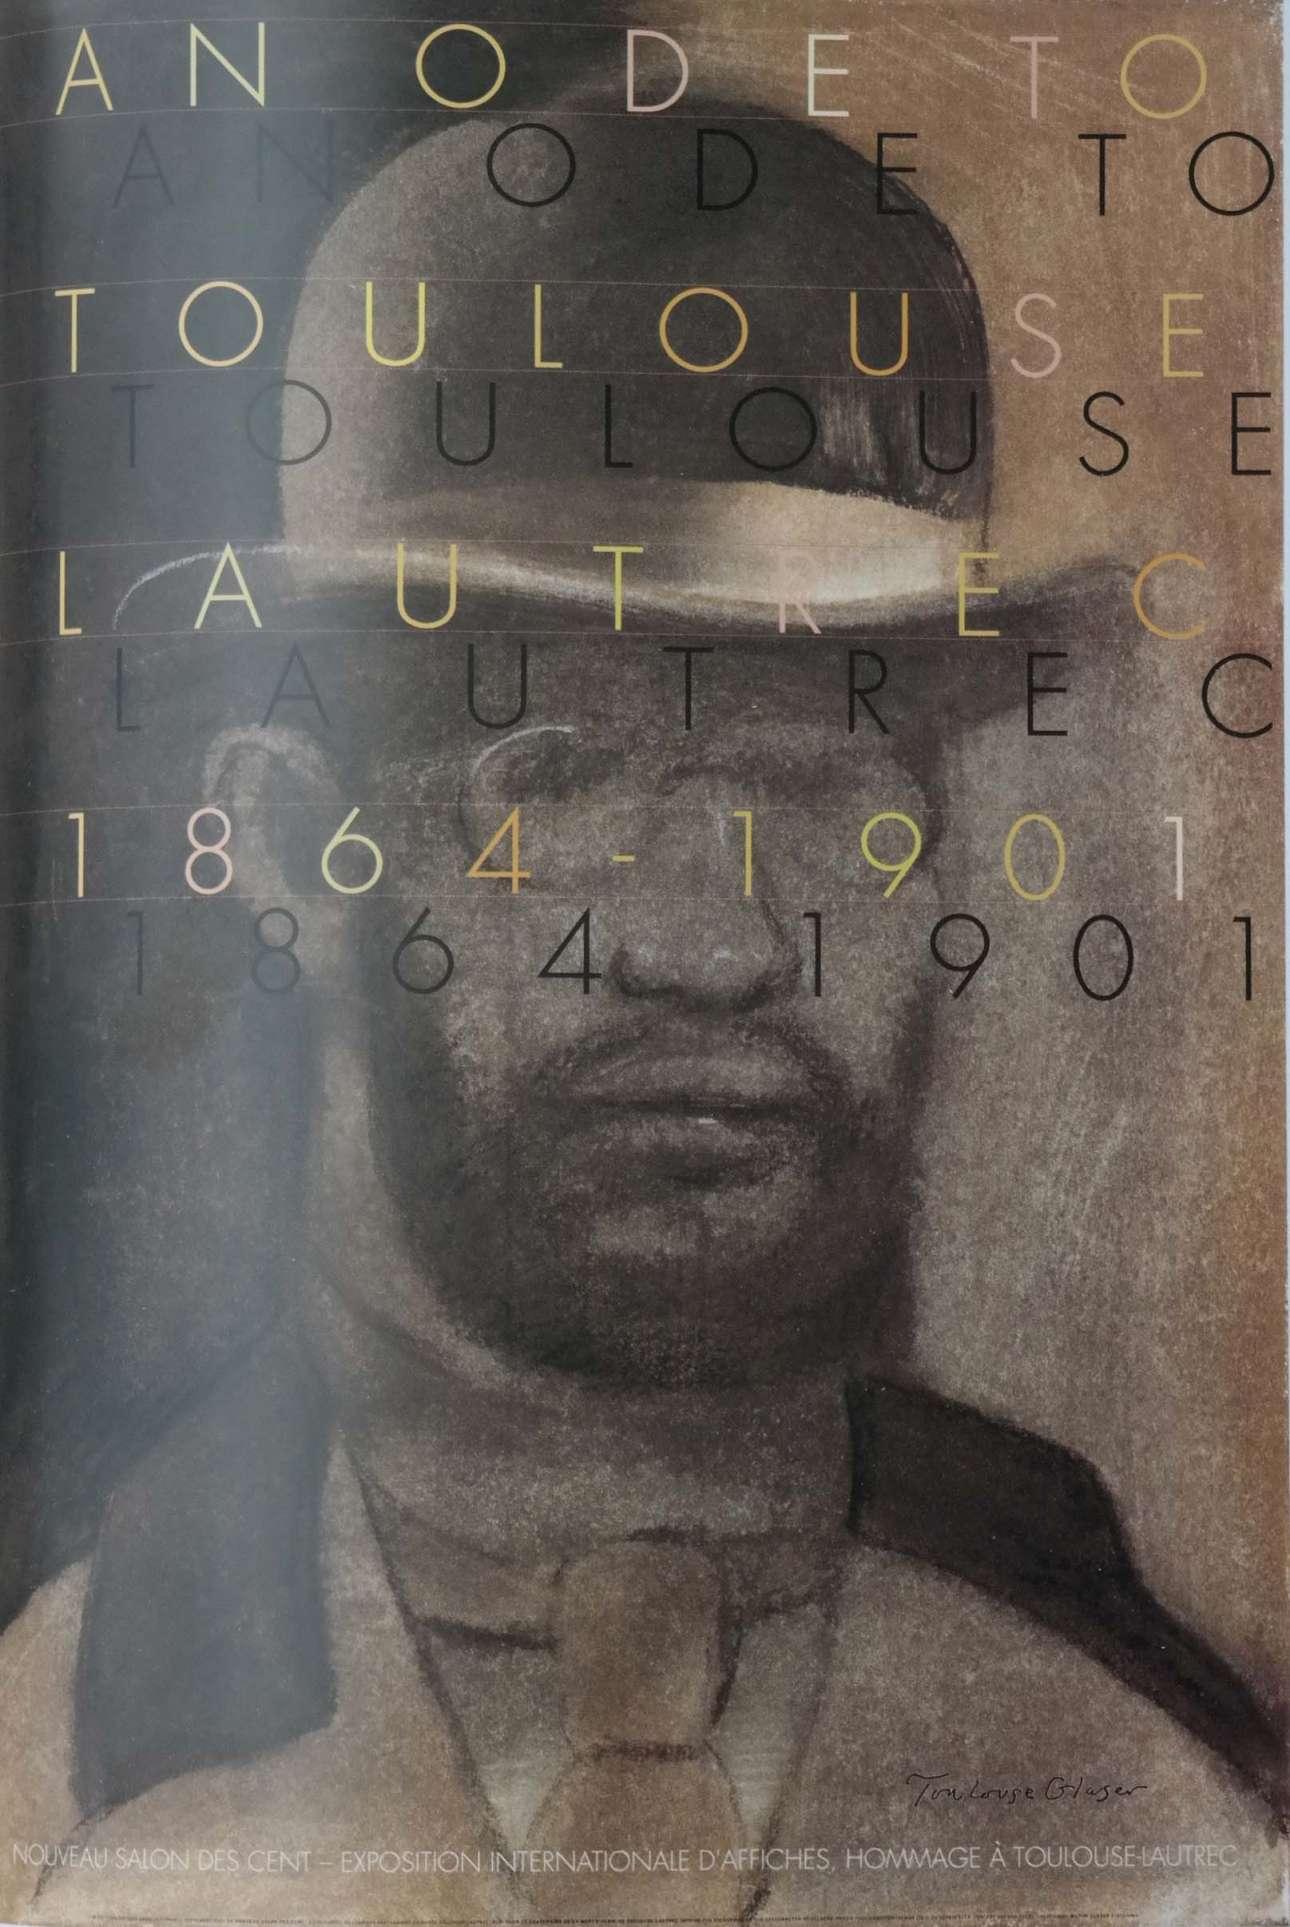 Lautrec-2